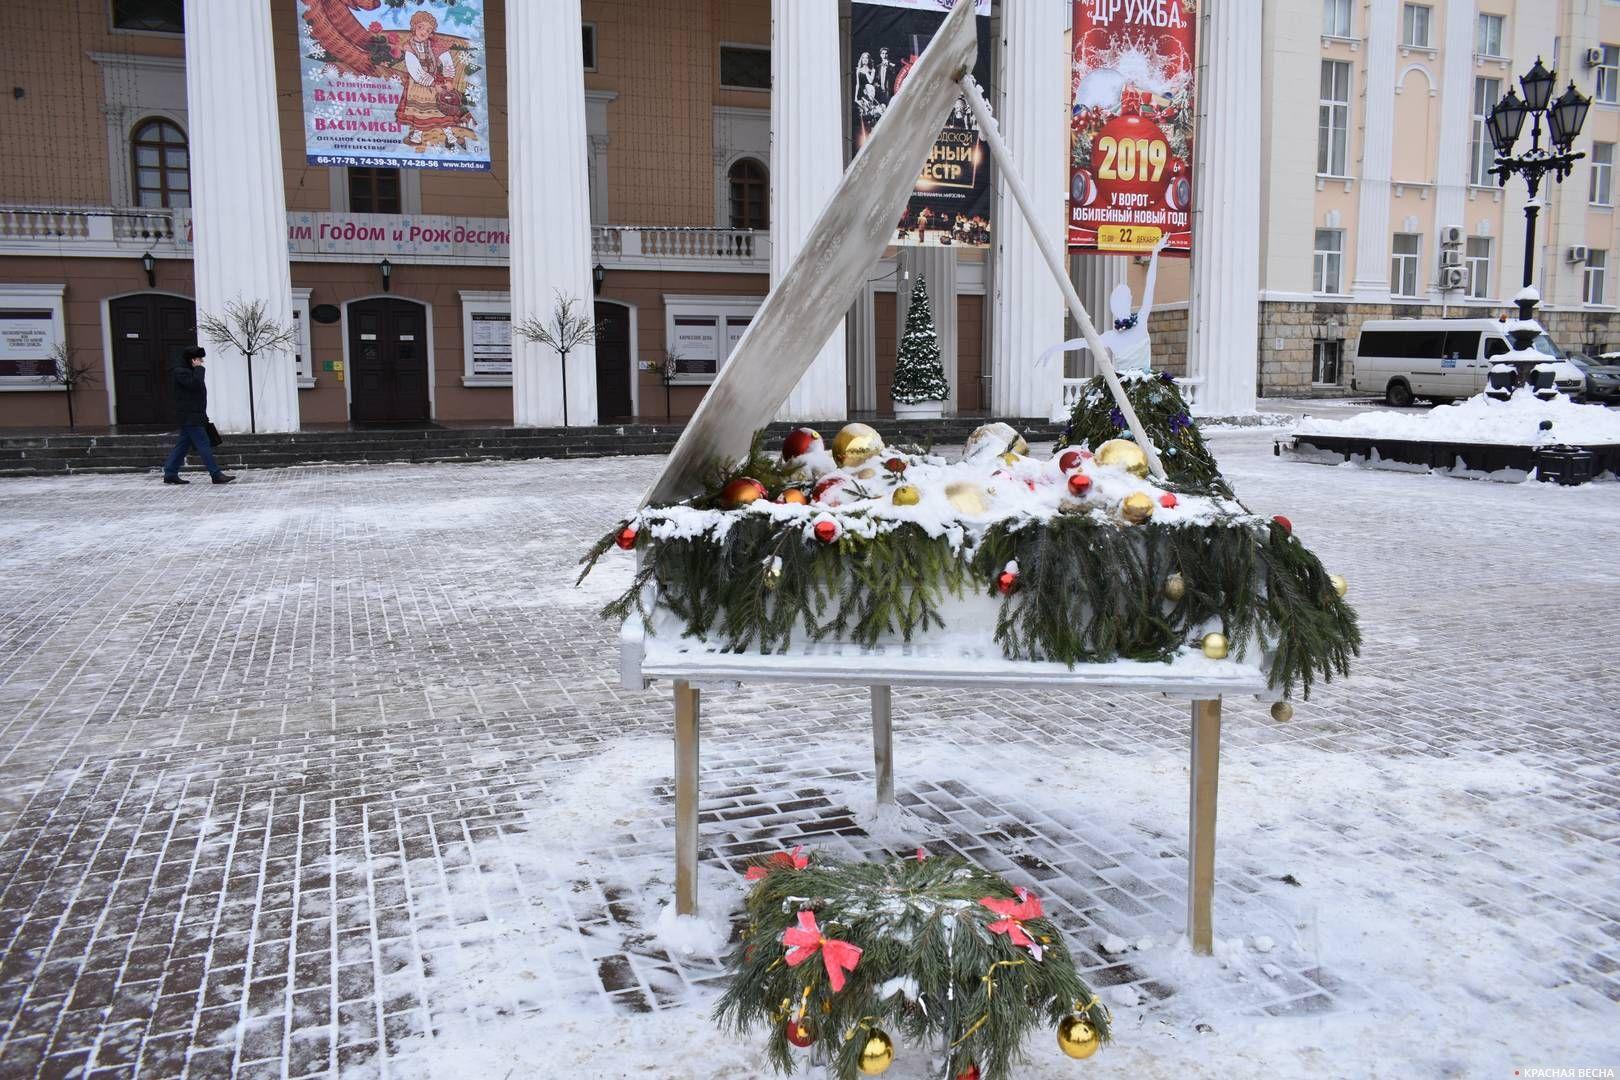 Бутафорский рояль на площади перед Брянским театром драмы им. А. К. Толстого в Брянске